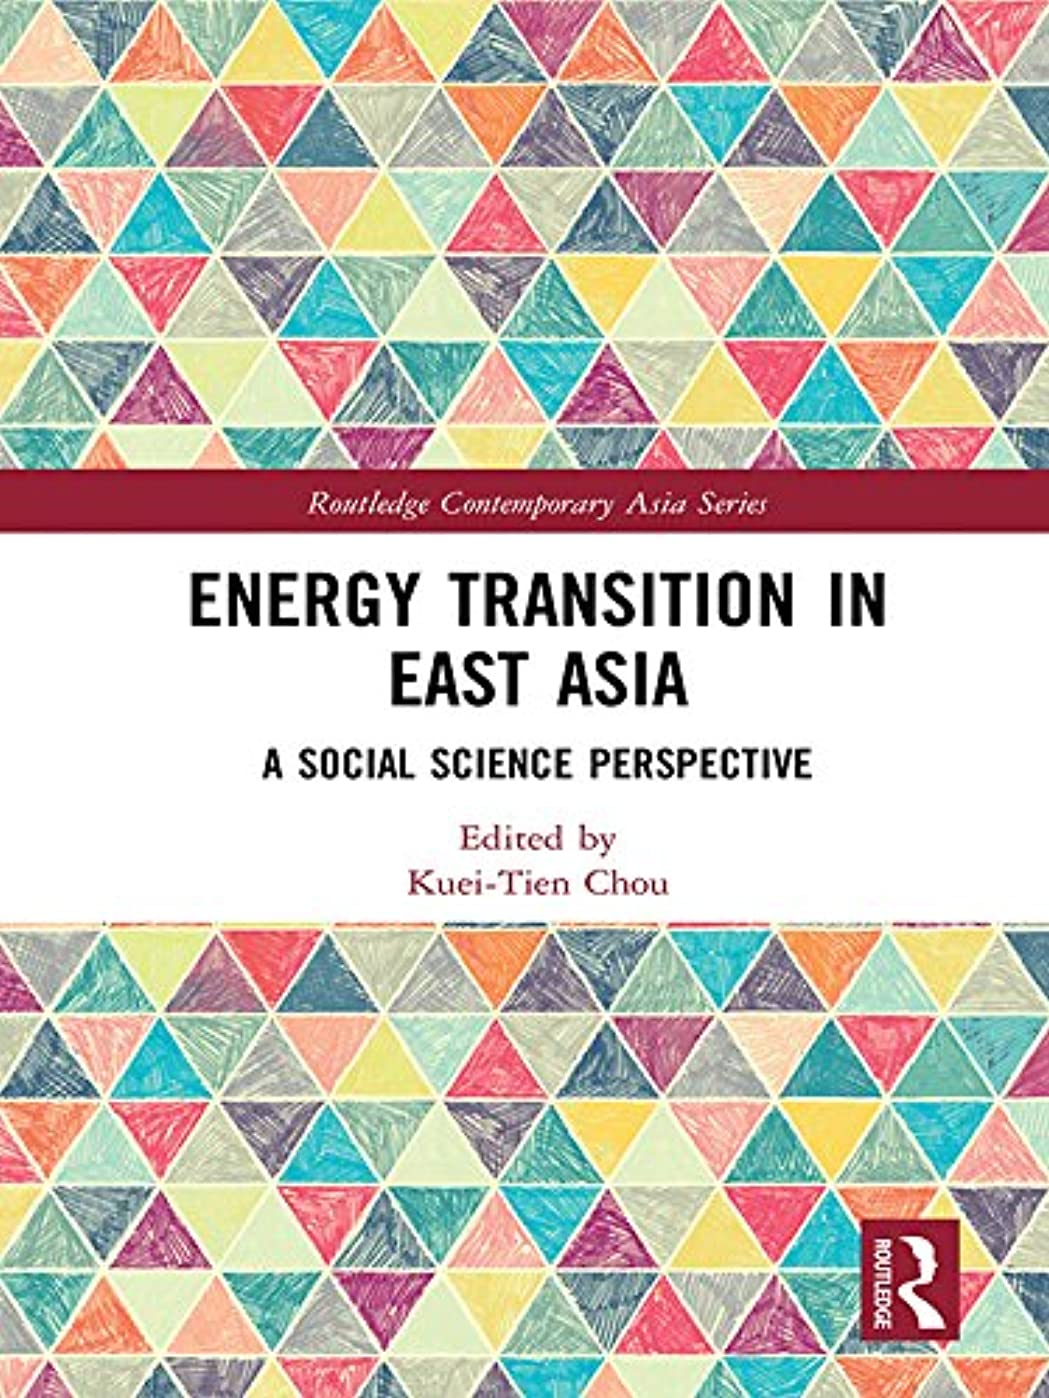 任命するファブリック床を掃除するEnergy Transition in East Asia: A Social Science Perspective (Routledge Contemporary Asia Series) (English Edition)